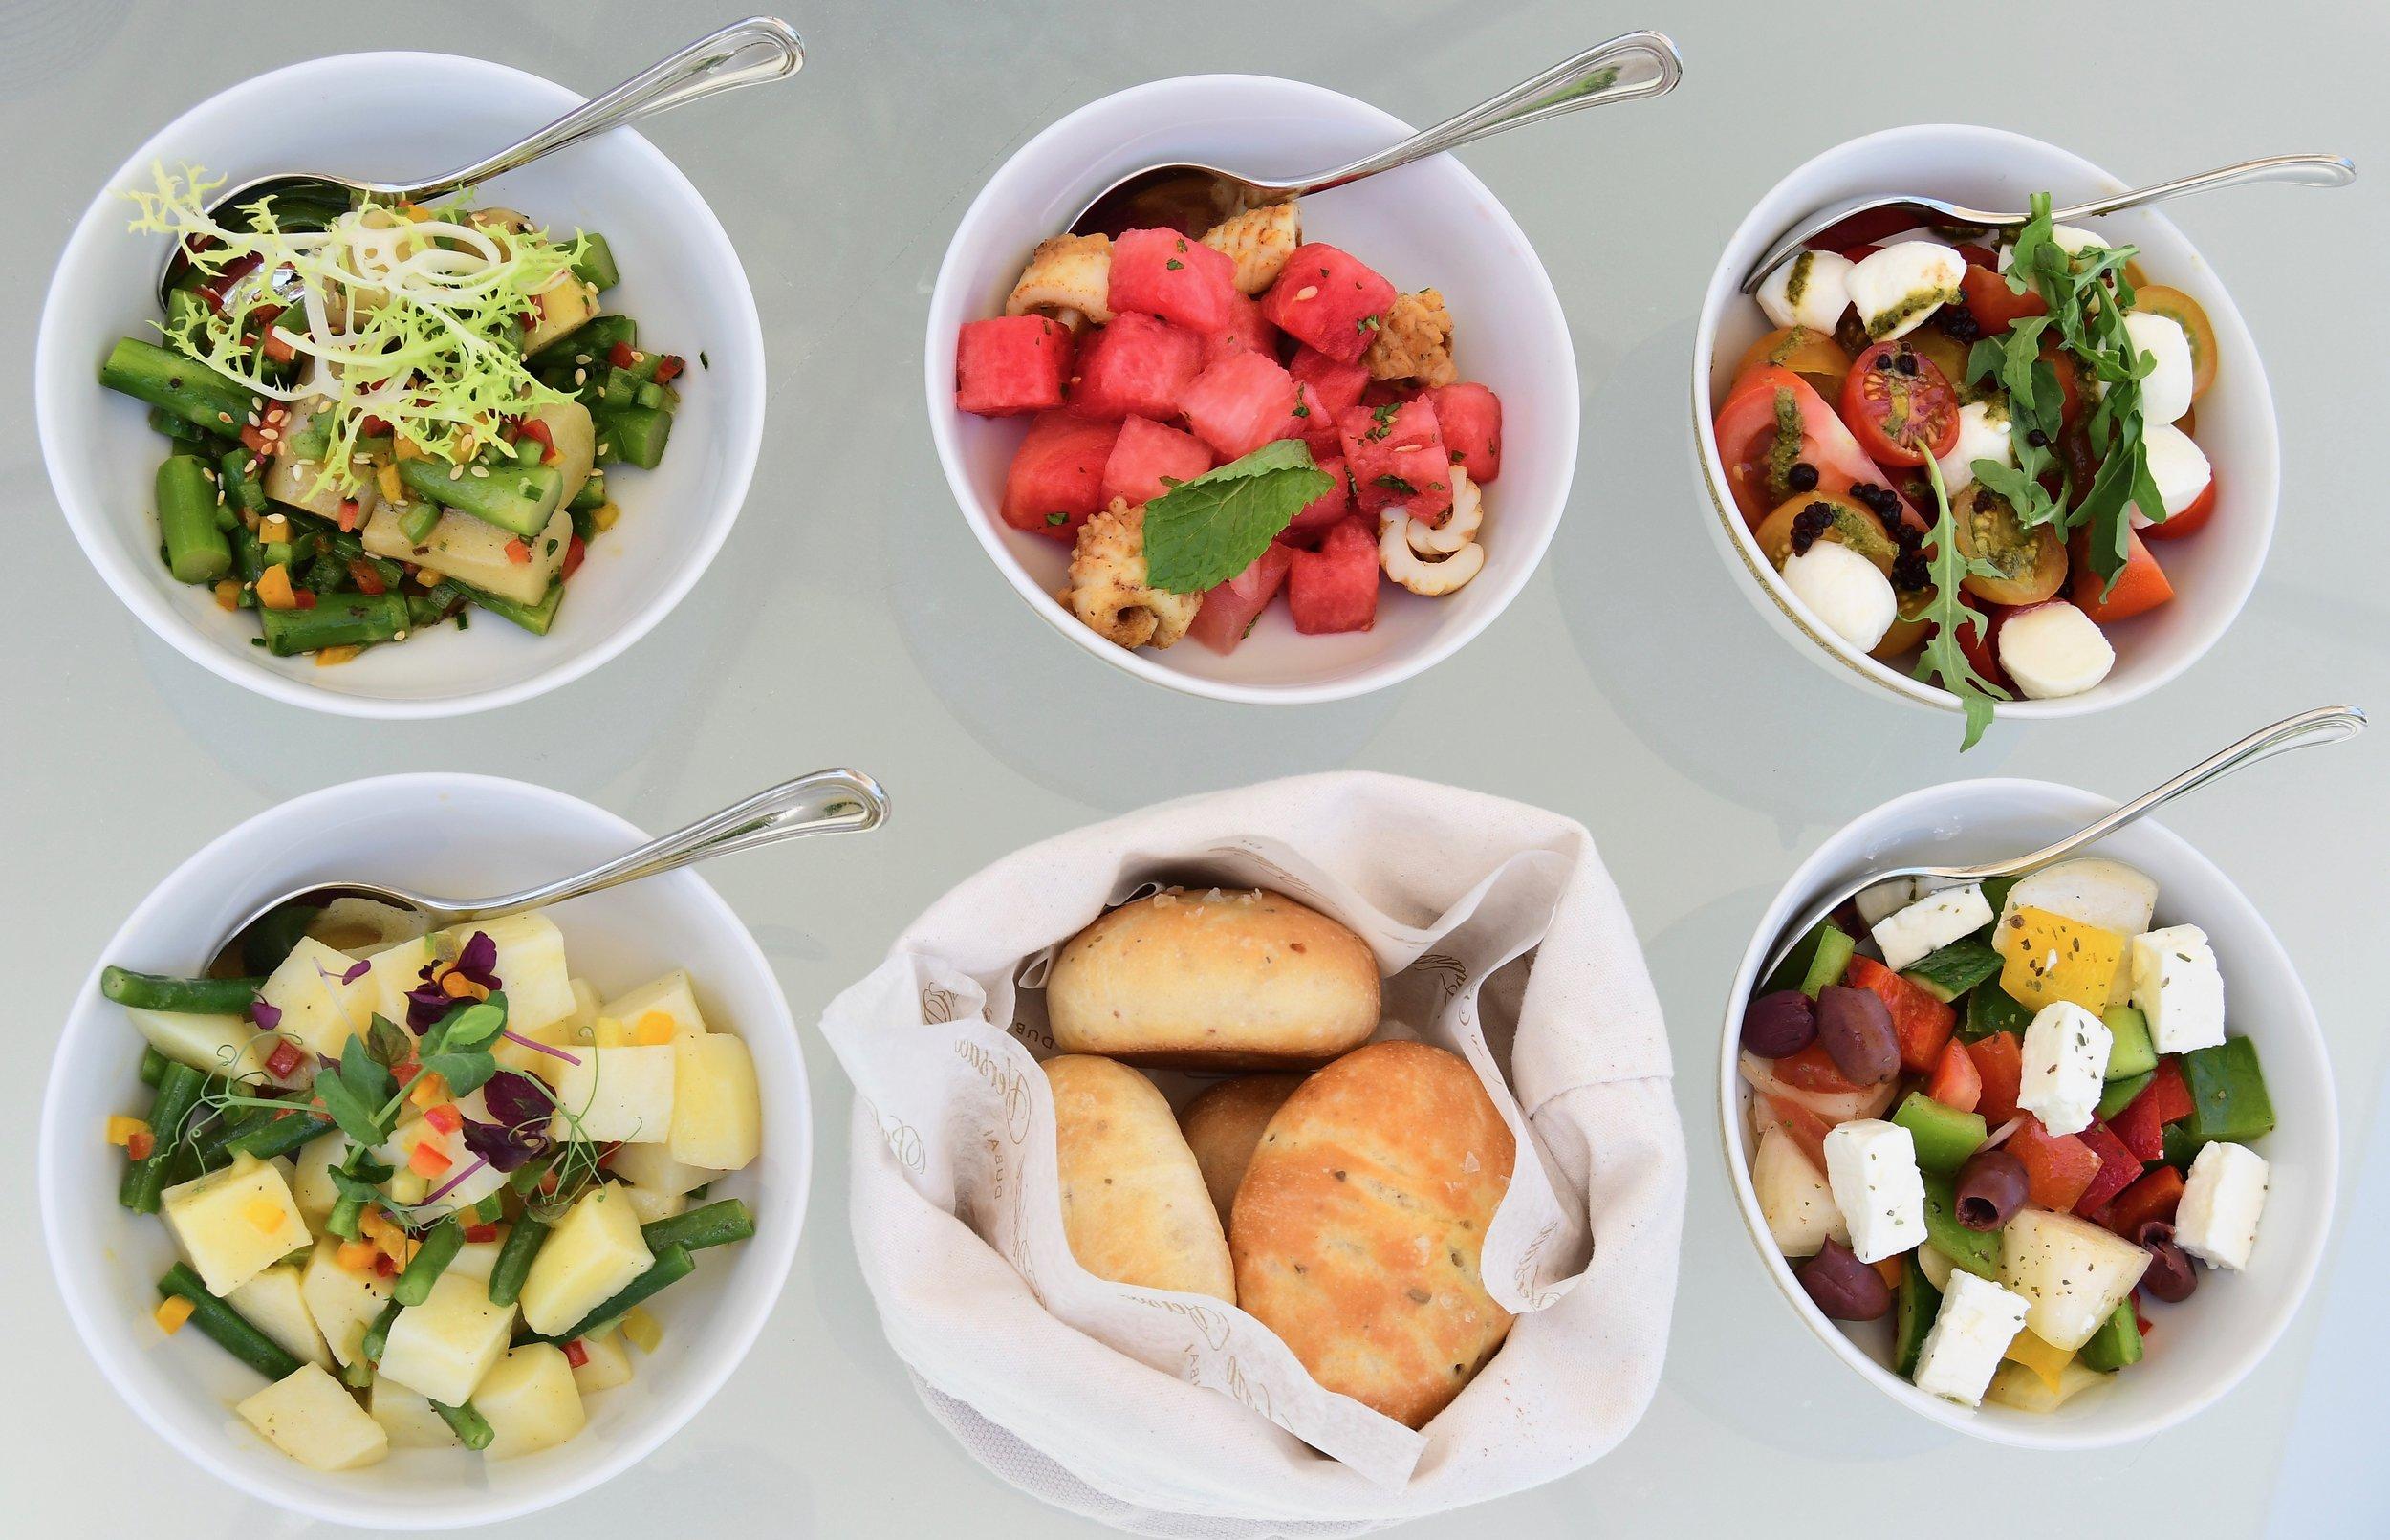 Amalfi - Bread and Salad (Palazzo Versace Dubai)